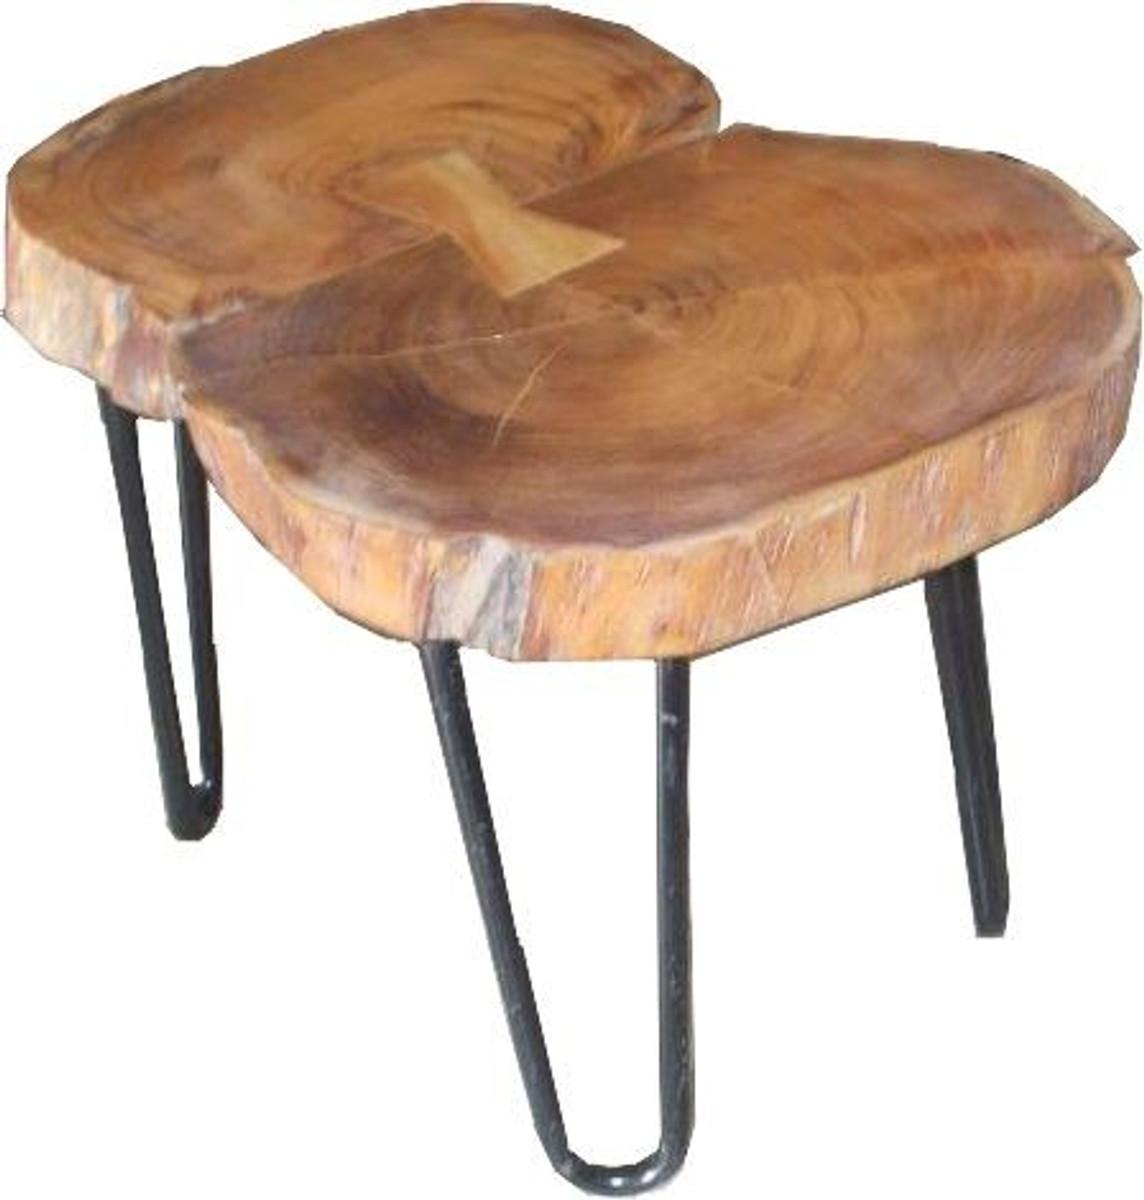 casa padrino beistelltisch akazien holz eisen 55 70 cm industrial m bel hocker tisch. Black Bedroom Furniture Sets. Home Design Ideas